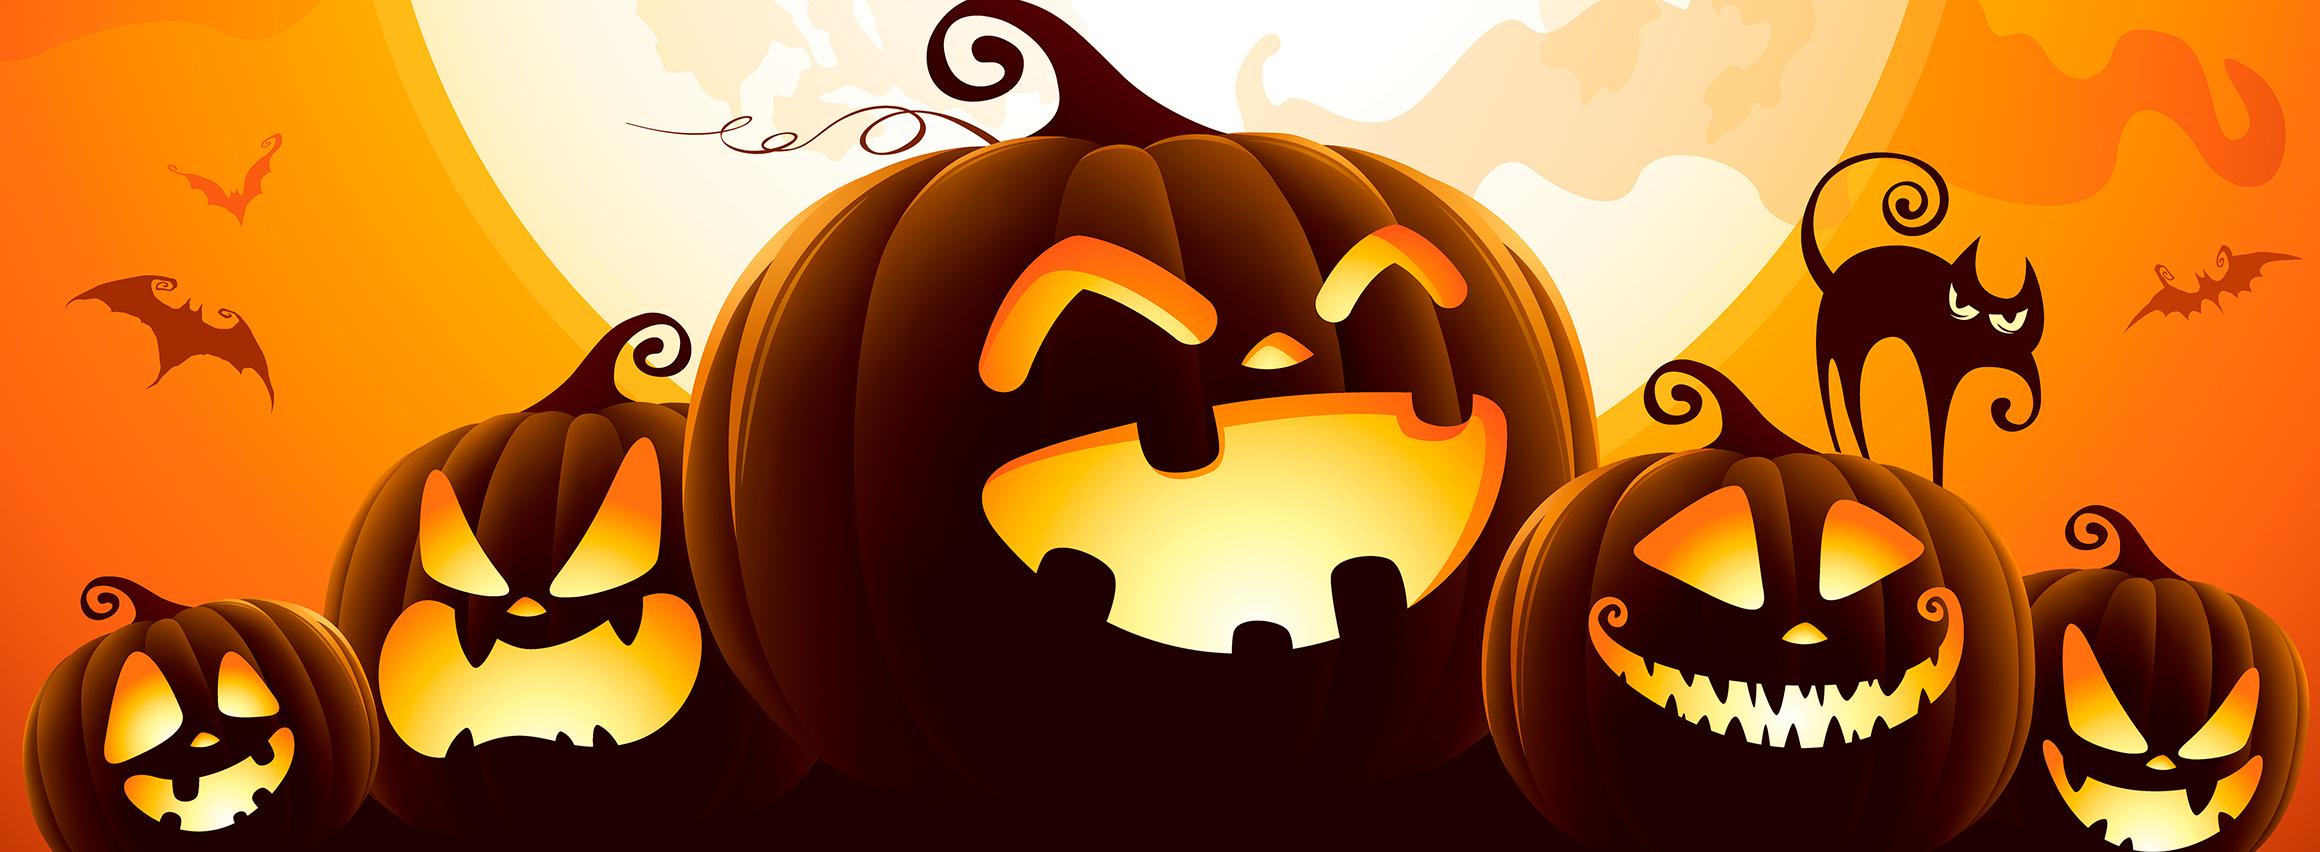 13% скидки на Хэллоуин в жилых комплексах компании BudCapital